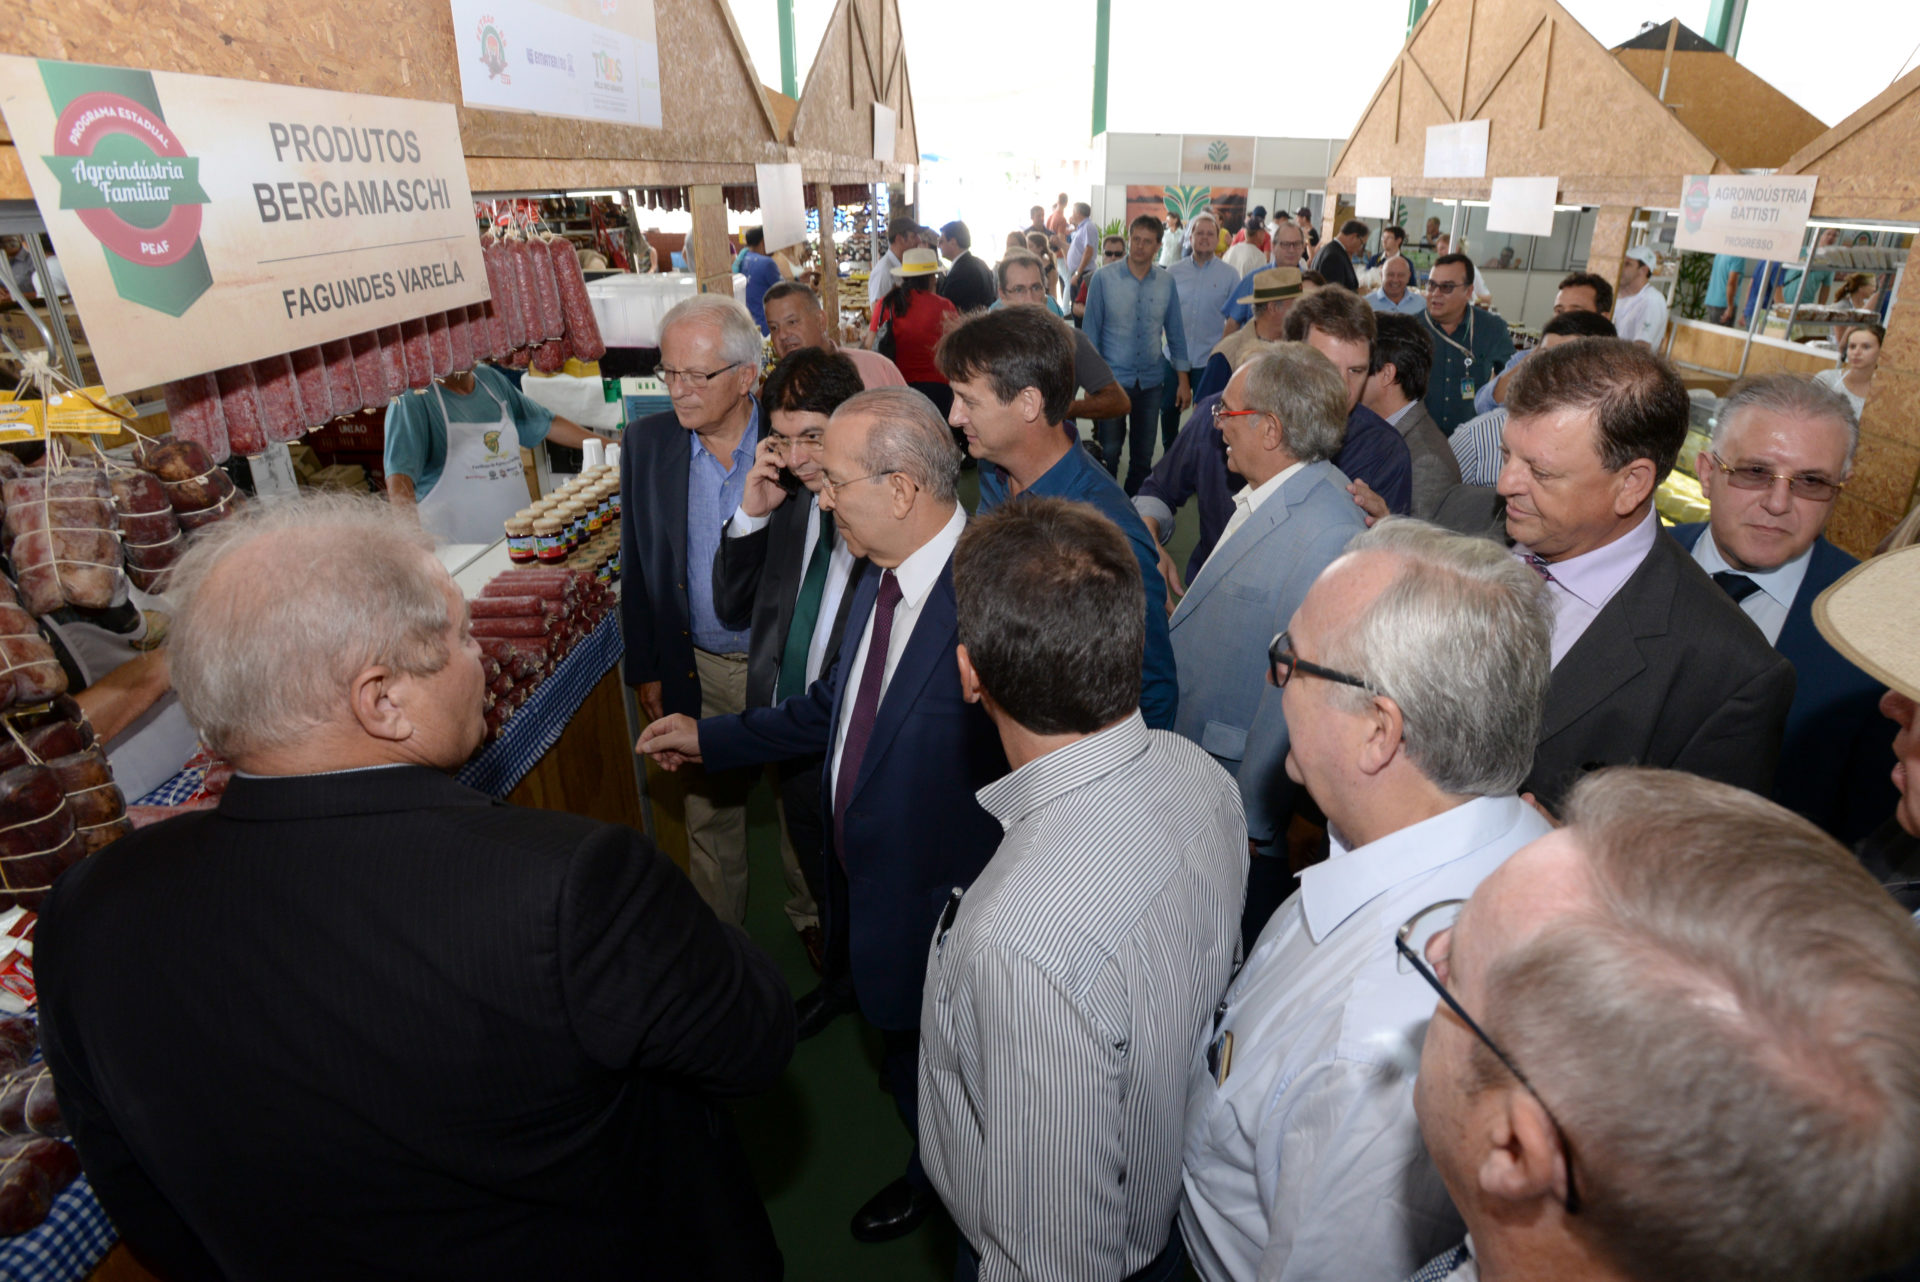 Organização da feira repercute na visita das autoridades ao Parque